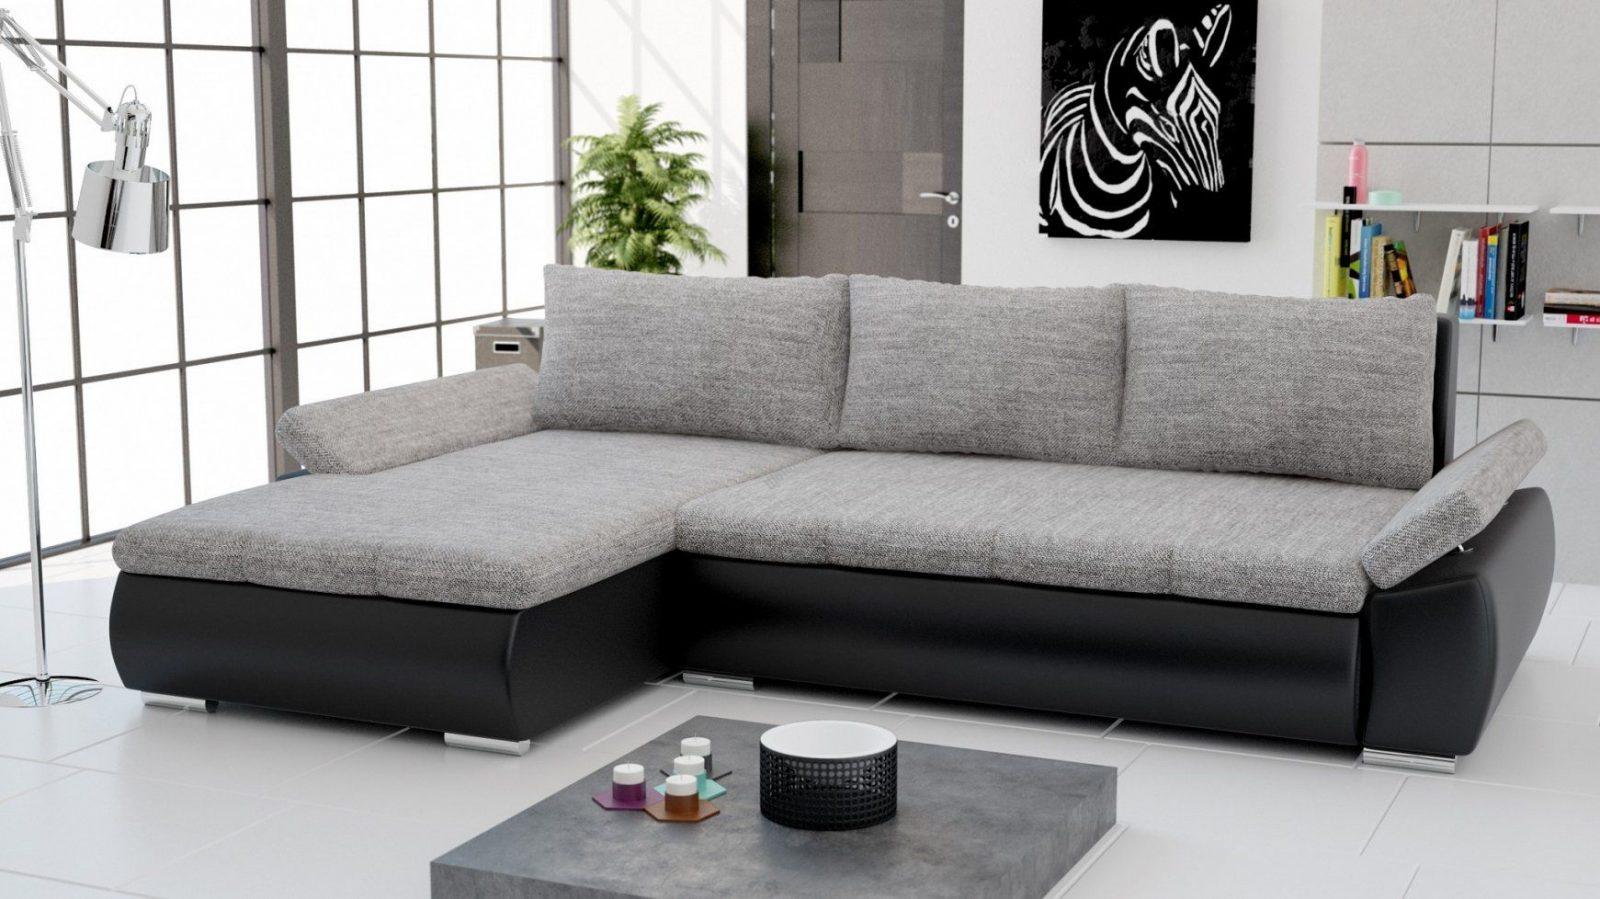 Wohnlandschaft L Form Mit Schlaffunktion von Couch L Form Mit Schlaffunktion Photo